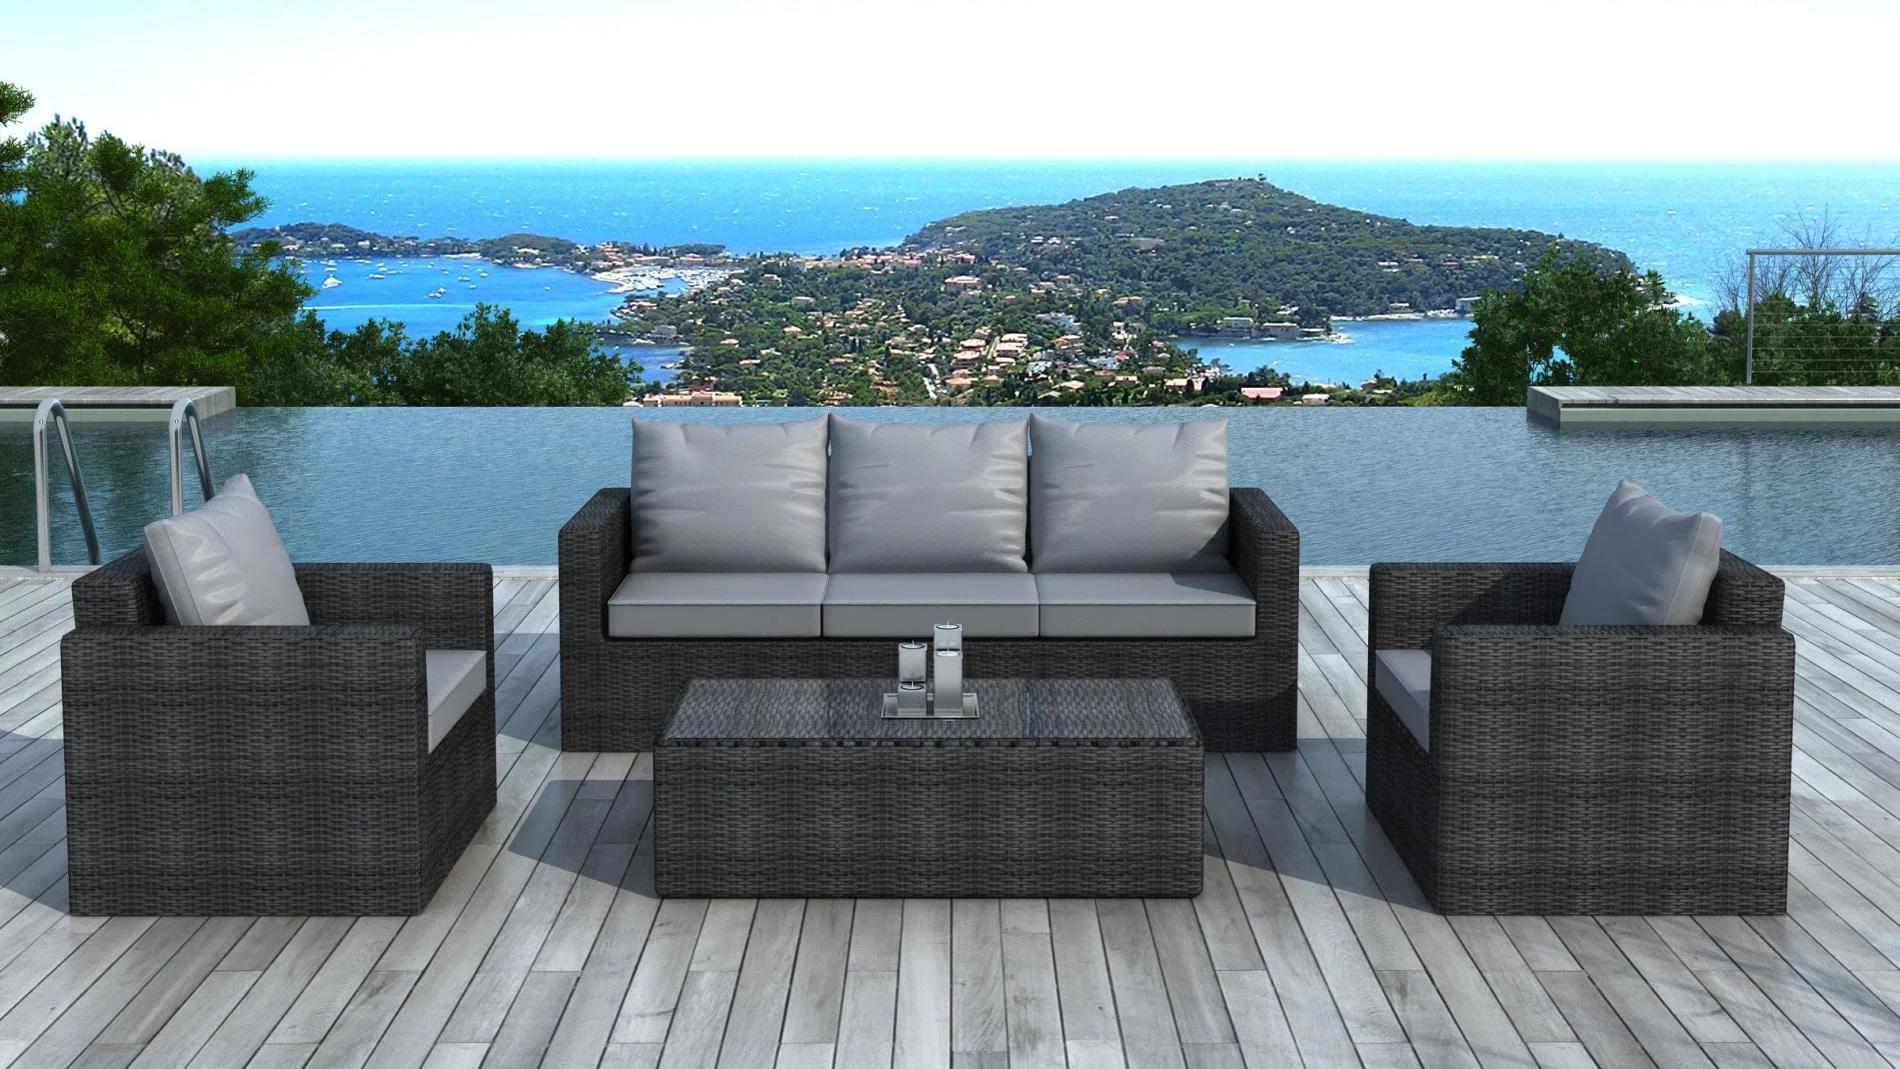 Quel type de canapé de jardin choisir ? • Blog Design Jardin ...